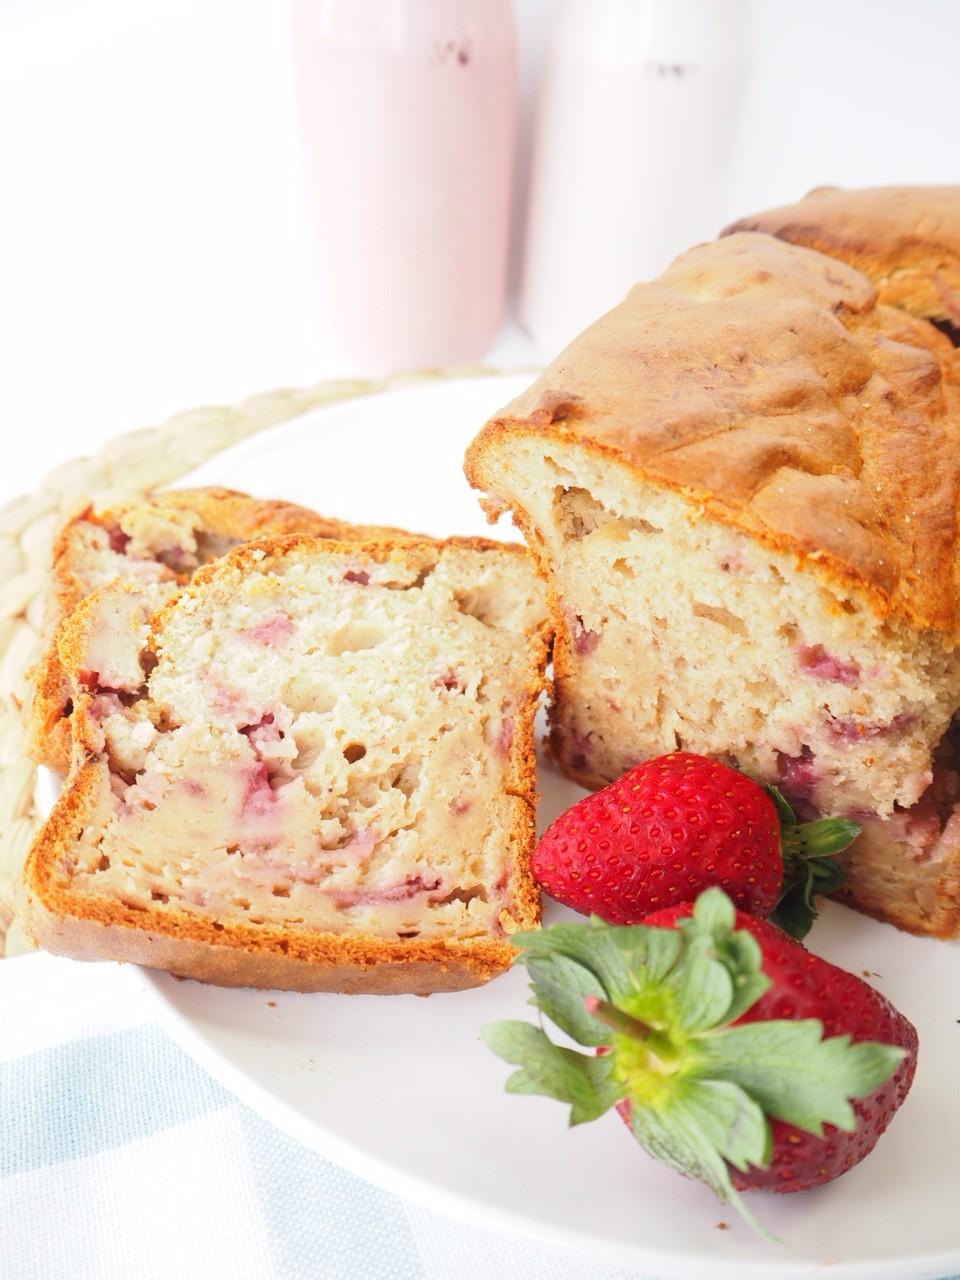 Banana and Strawberry Bread